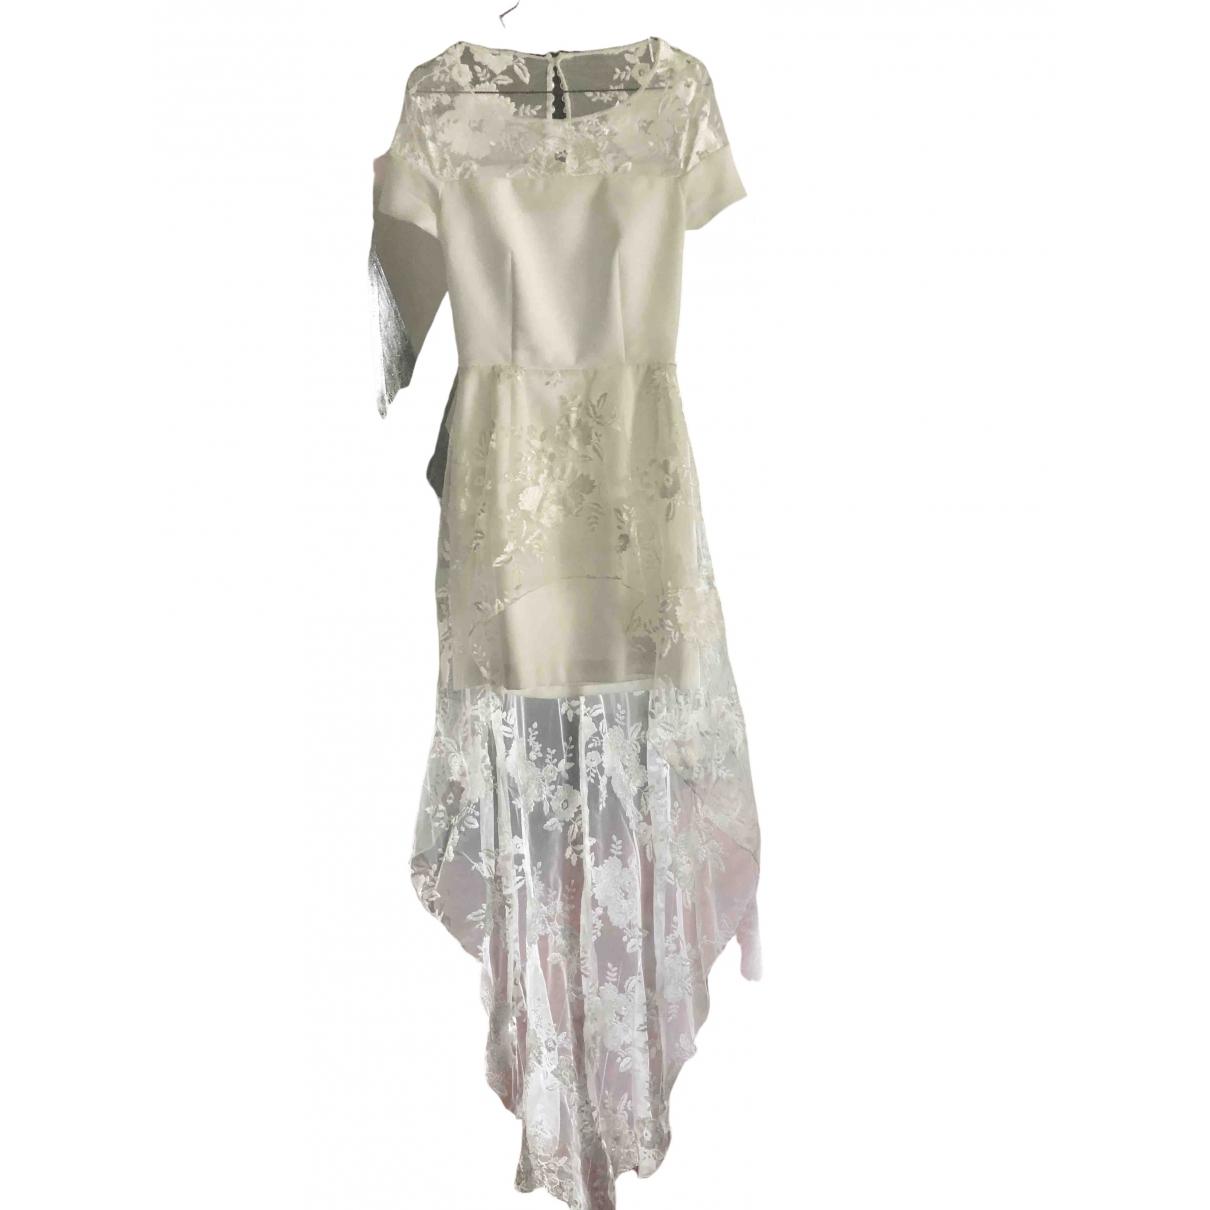 Rime Arodaky \N White dress for Women 36 FR